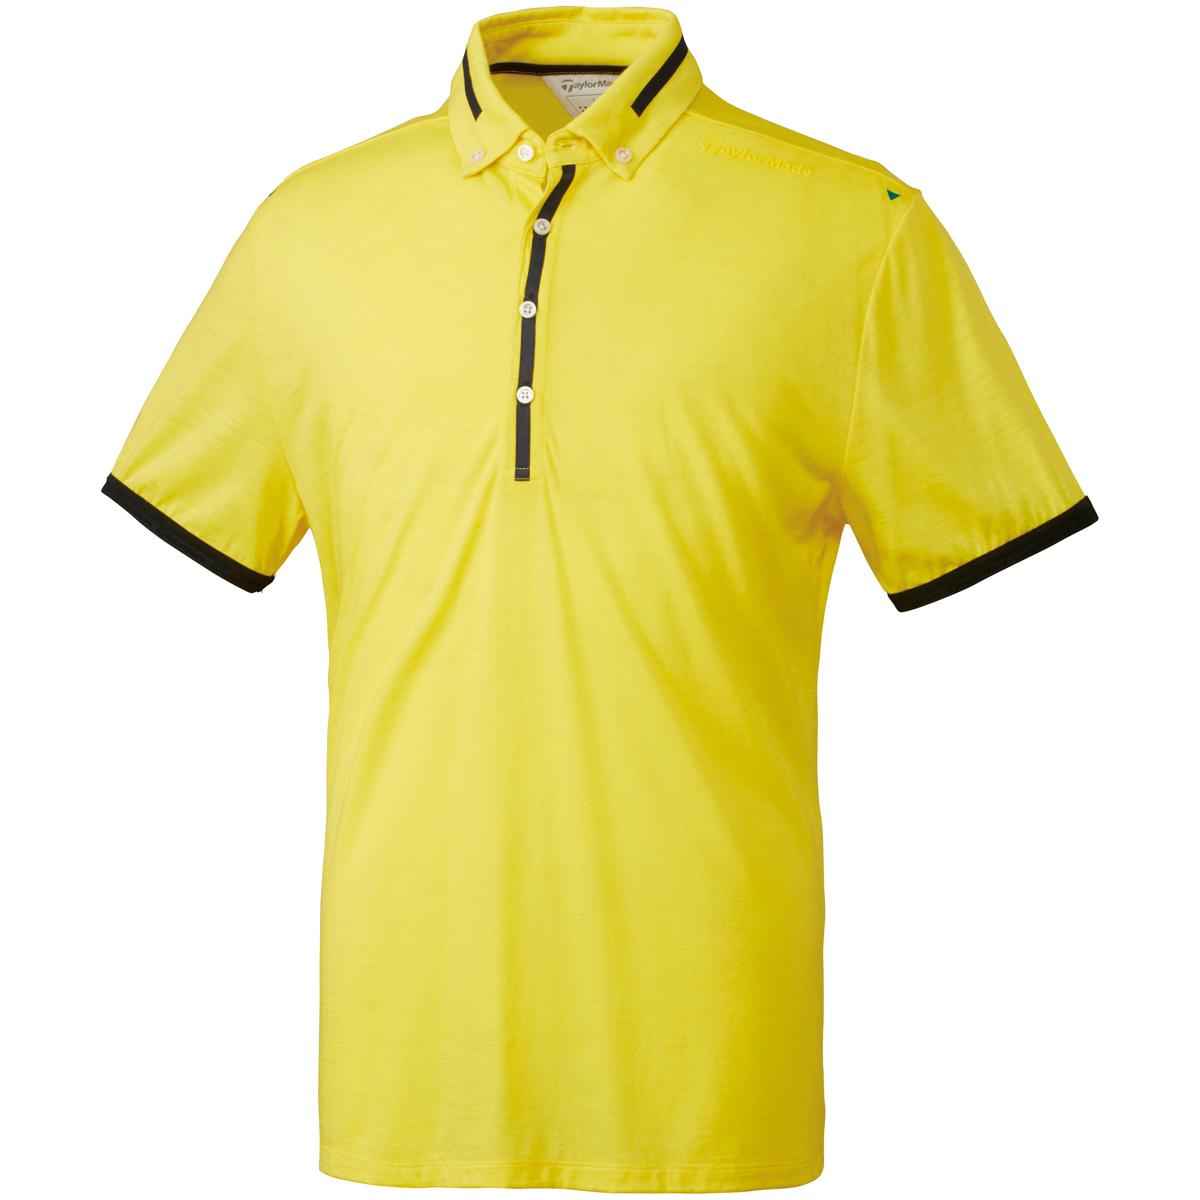 ストレッチ ブレスウールボタンダウン半袖ポロシャツ